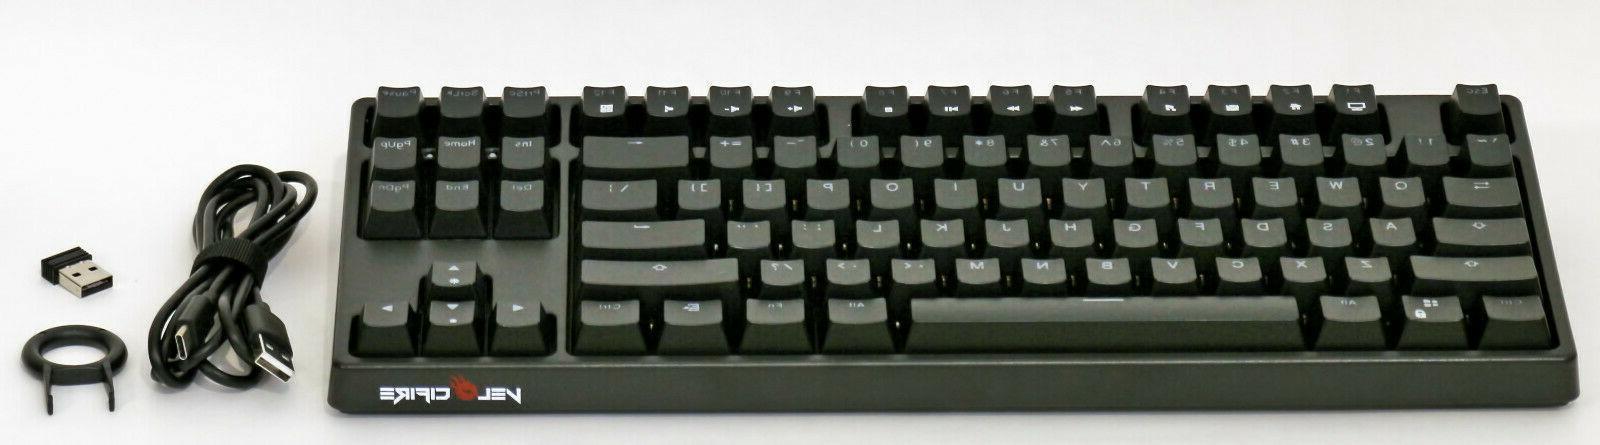 tkl02ws wireless mechanical keyboard usa layout white